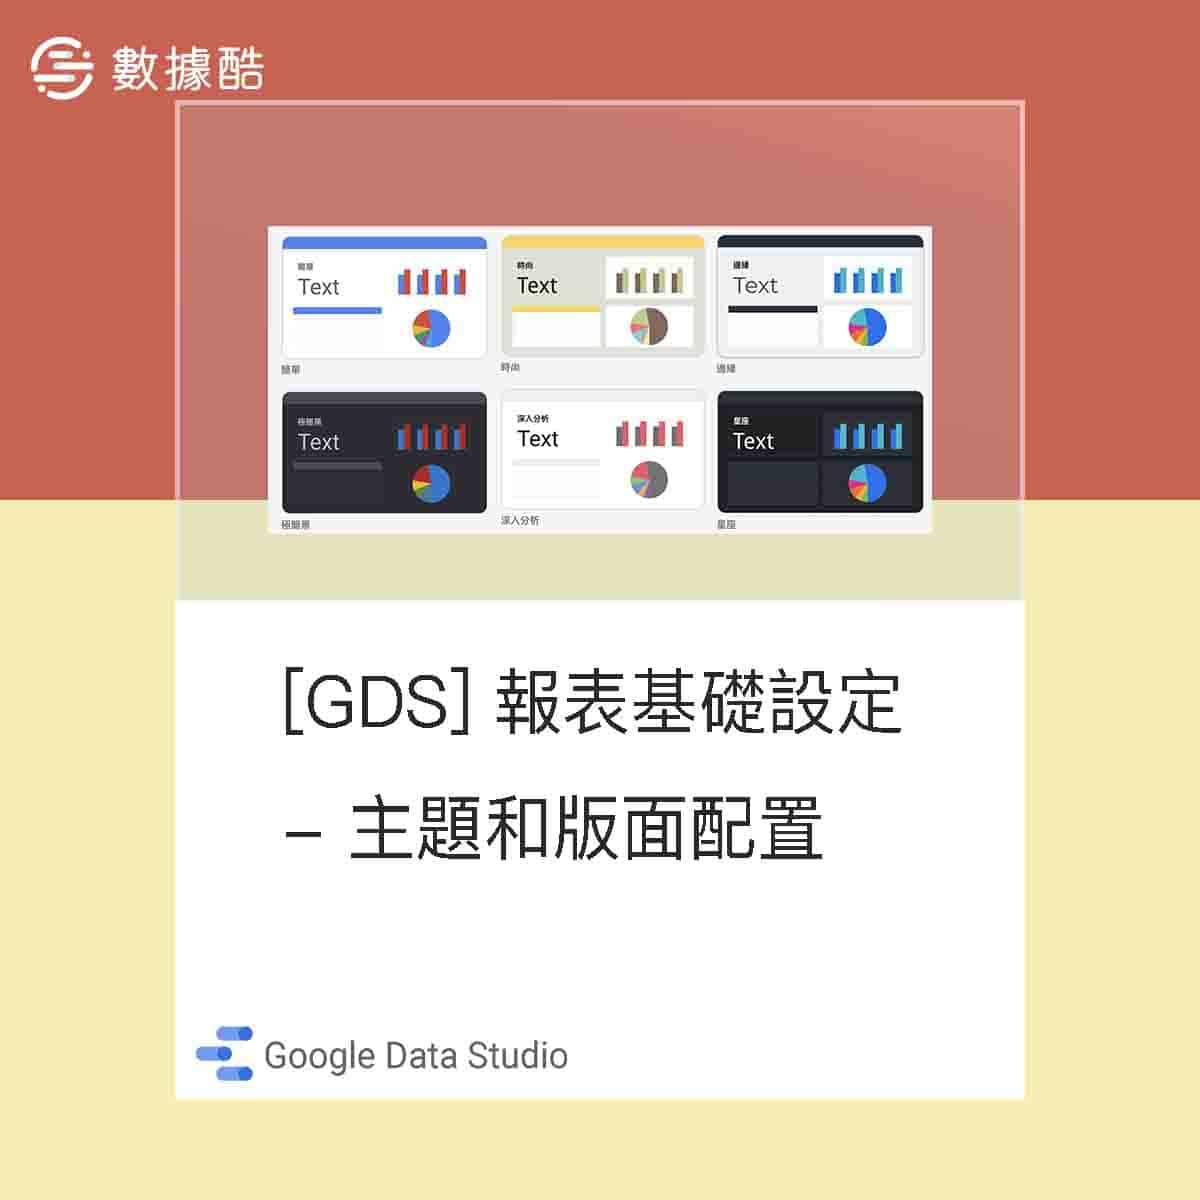 Data Studio 報表基礎設定 - 主題和版面配置